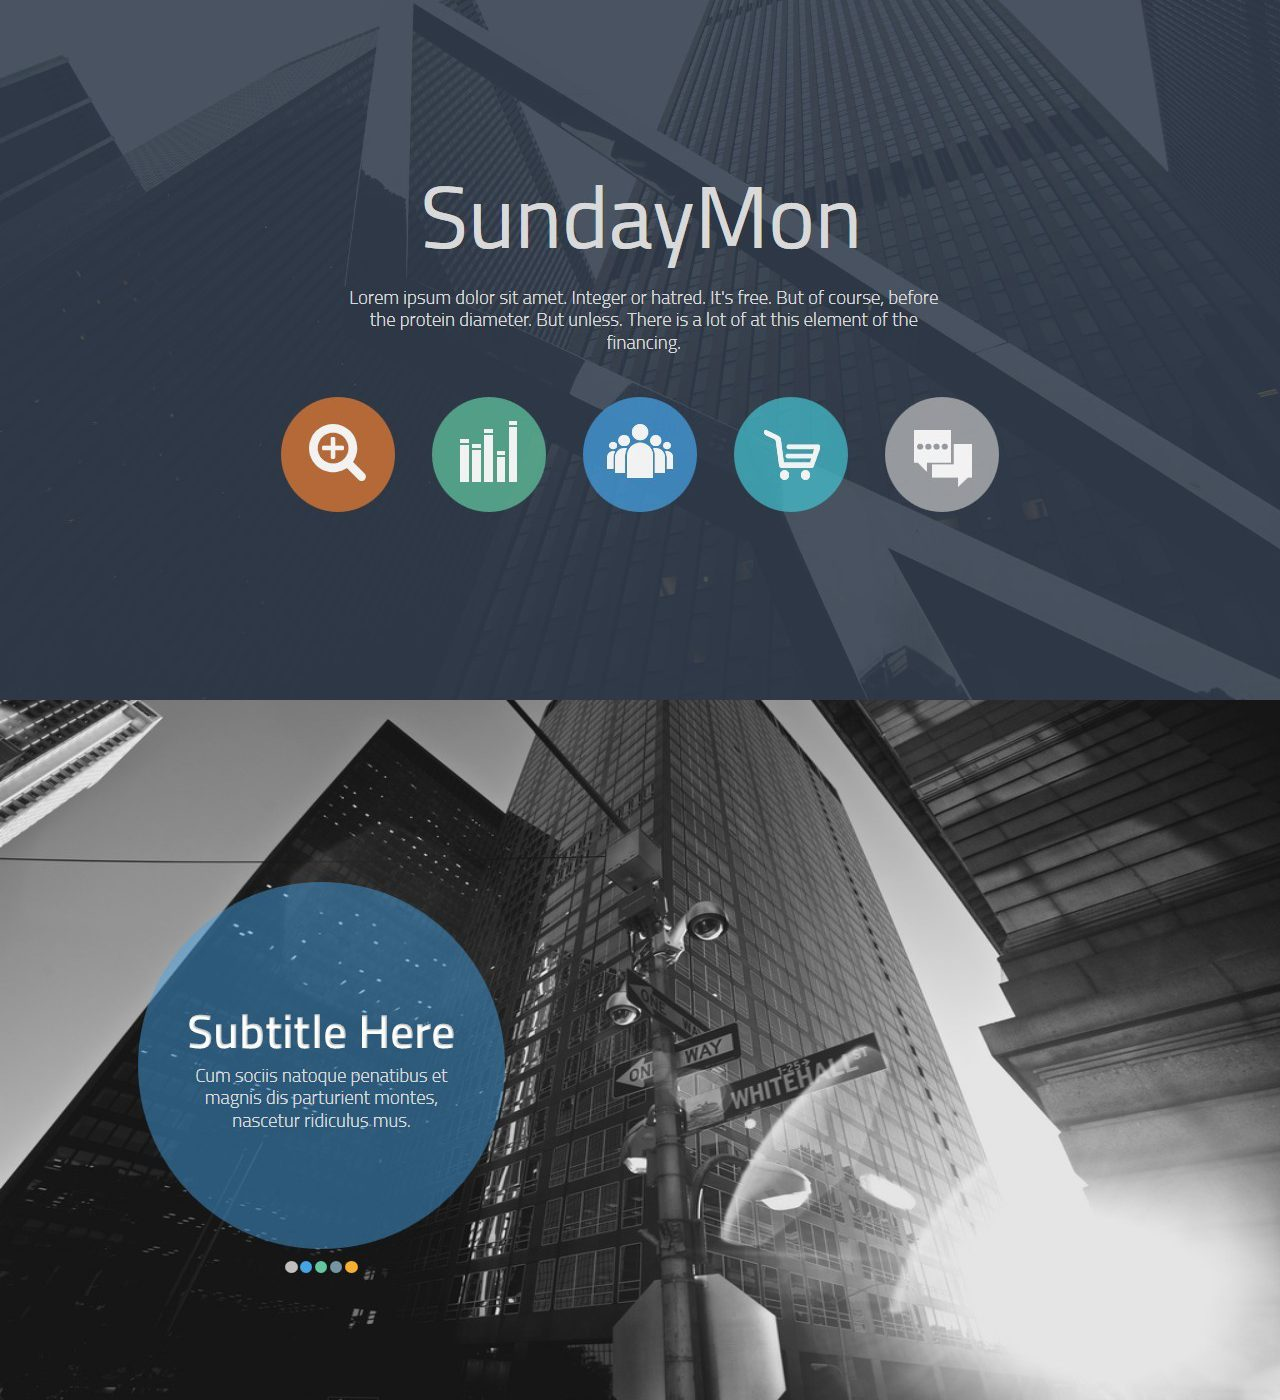 دانلود قالب آماده تجاری پاورپوینت SundayMon